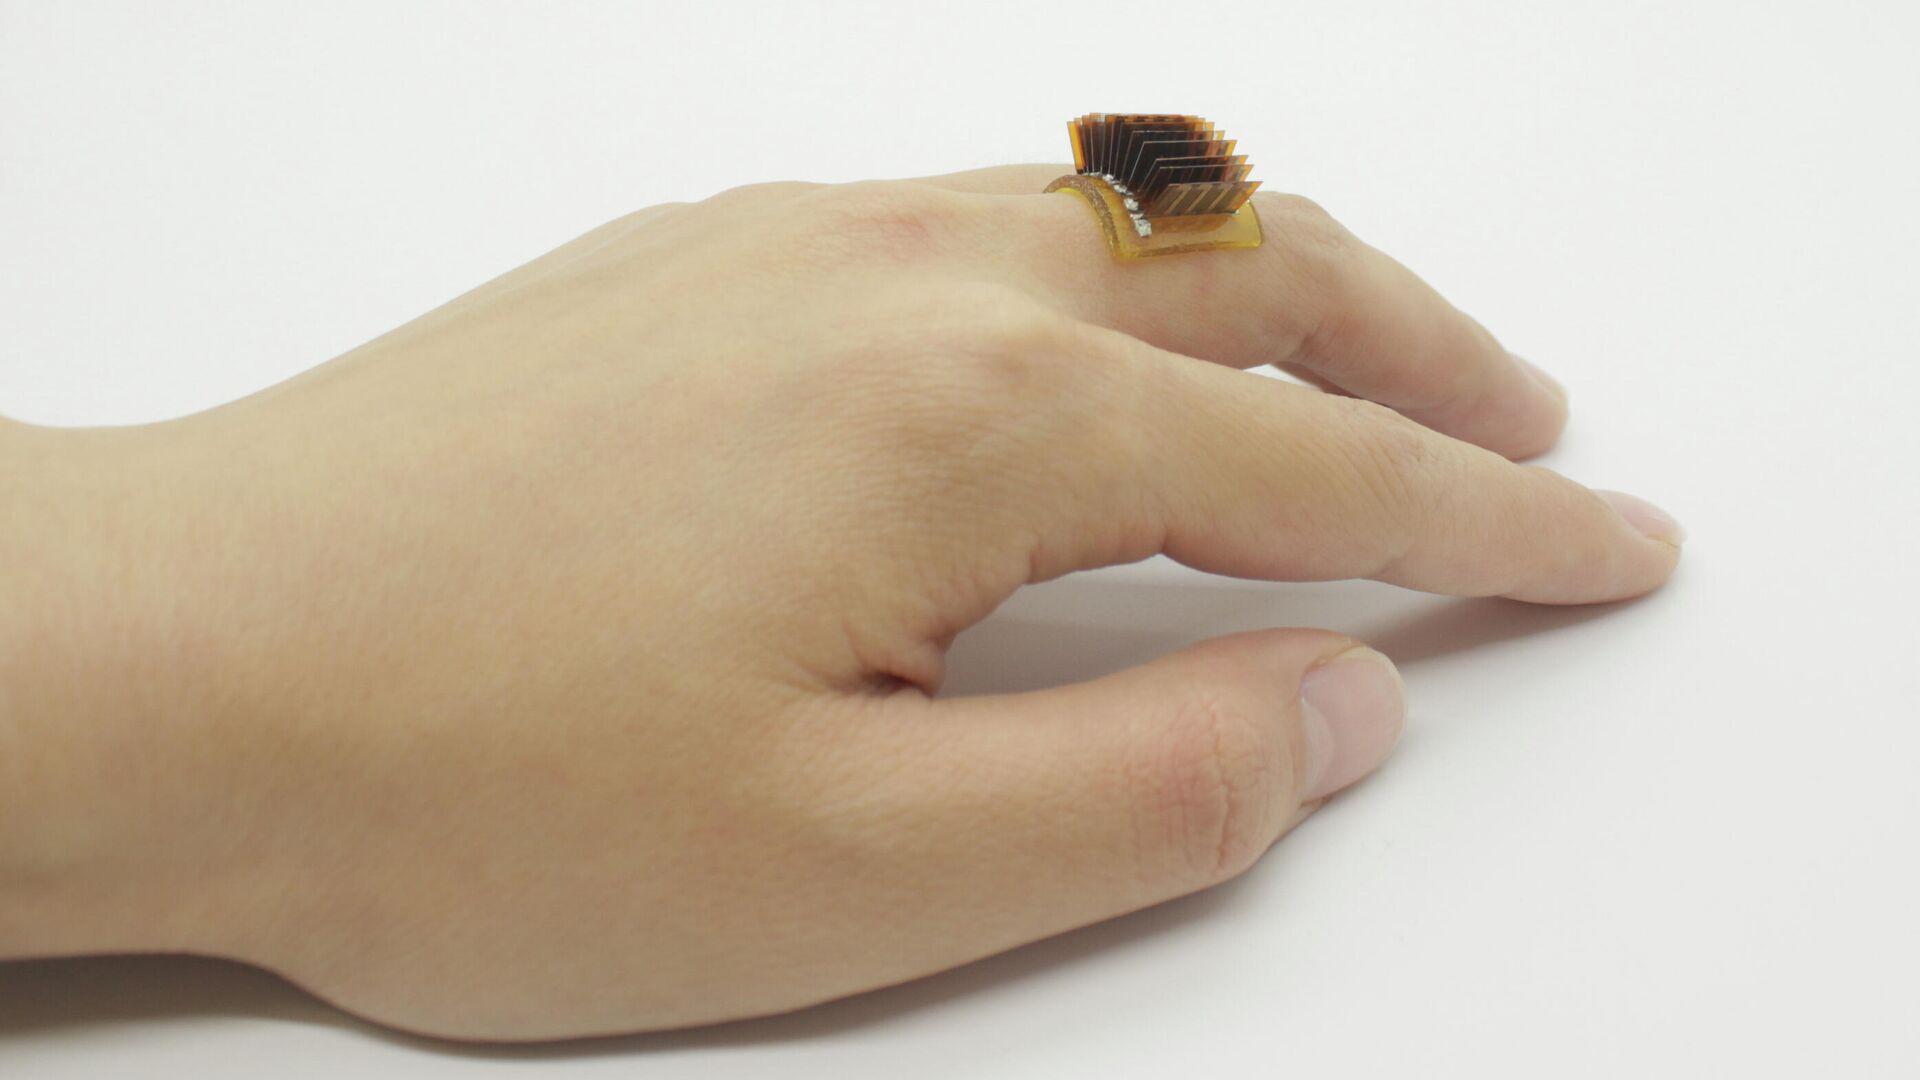 Создано зарядное устройство, использующее тепло тела